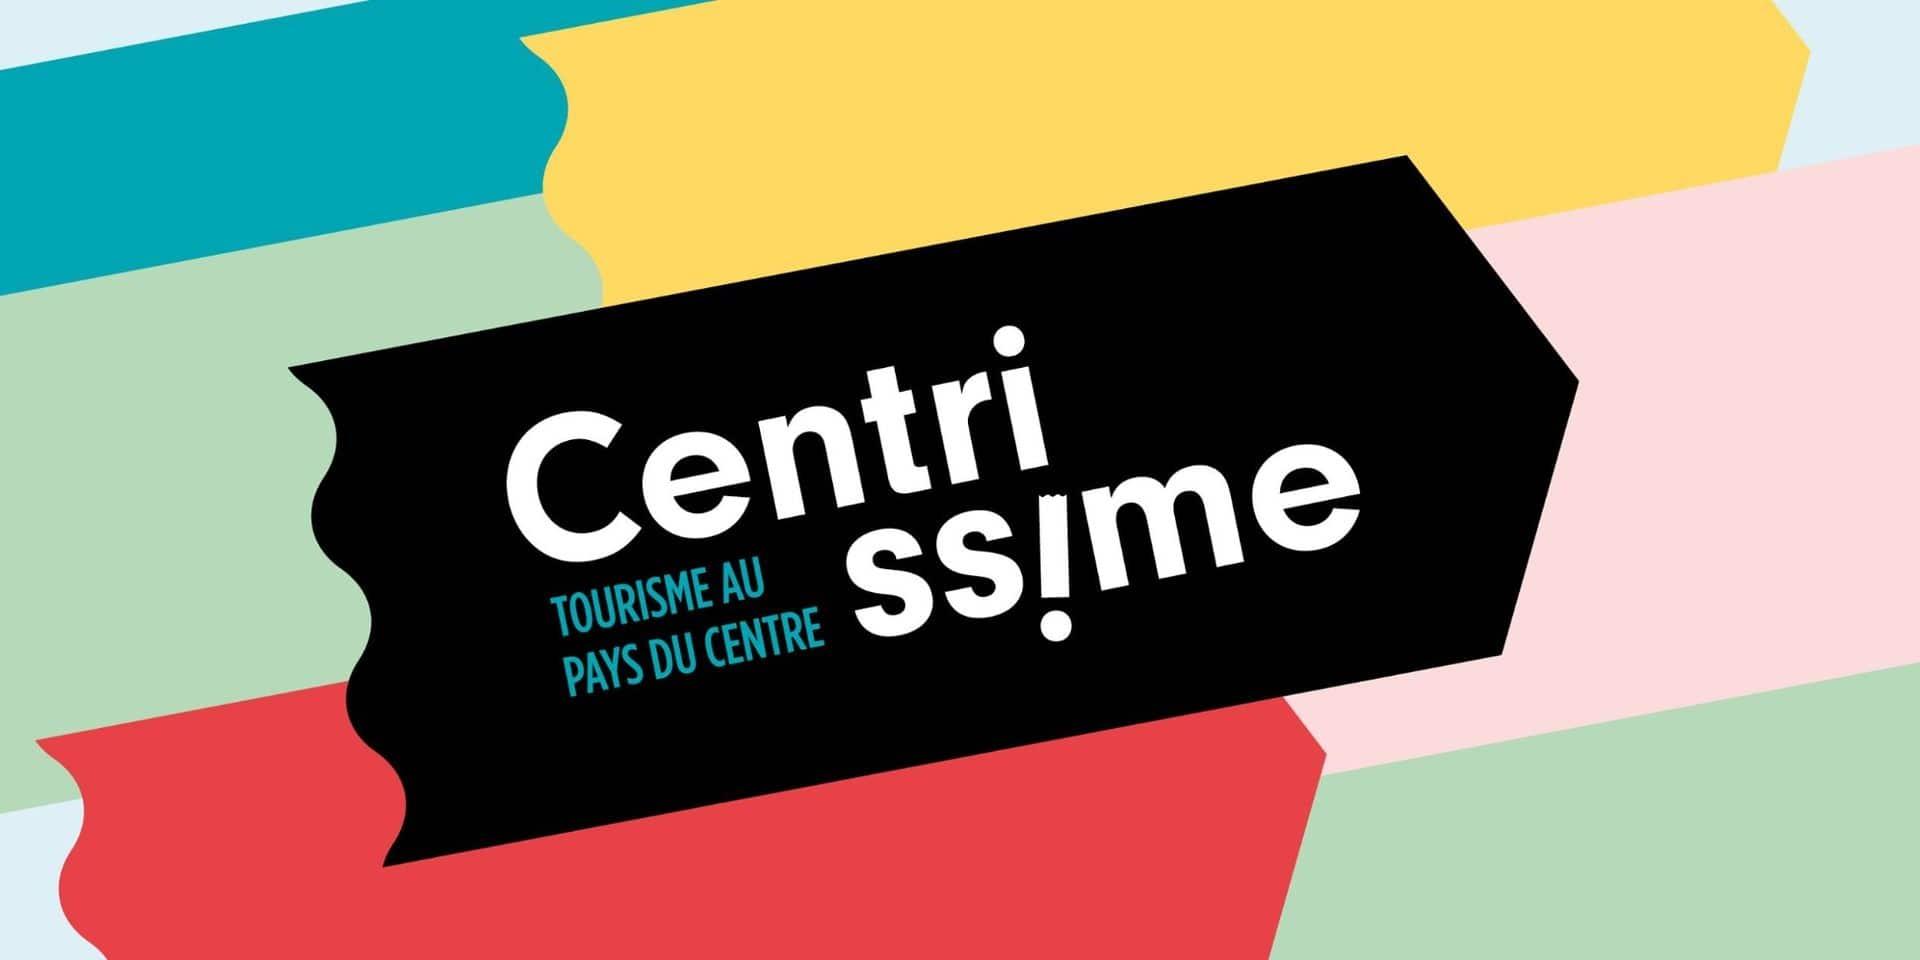 Centrissime, le nouveau nom de la Maison du Tourisme du Parc des Canaux et Châteaux